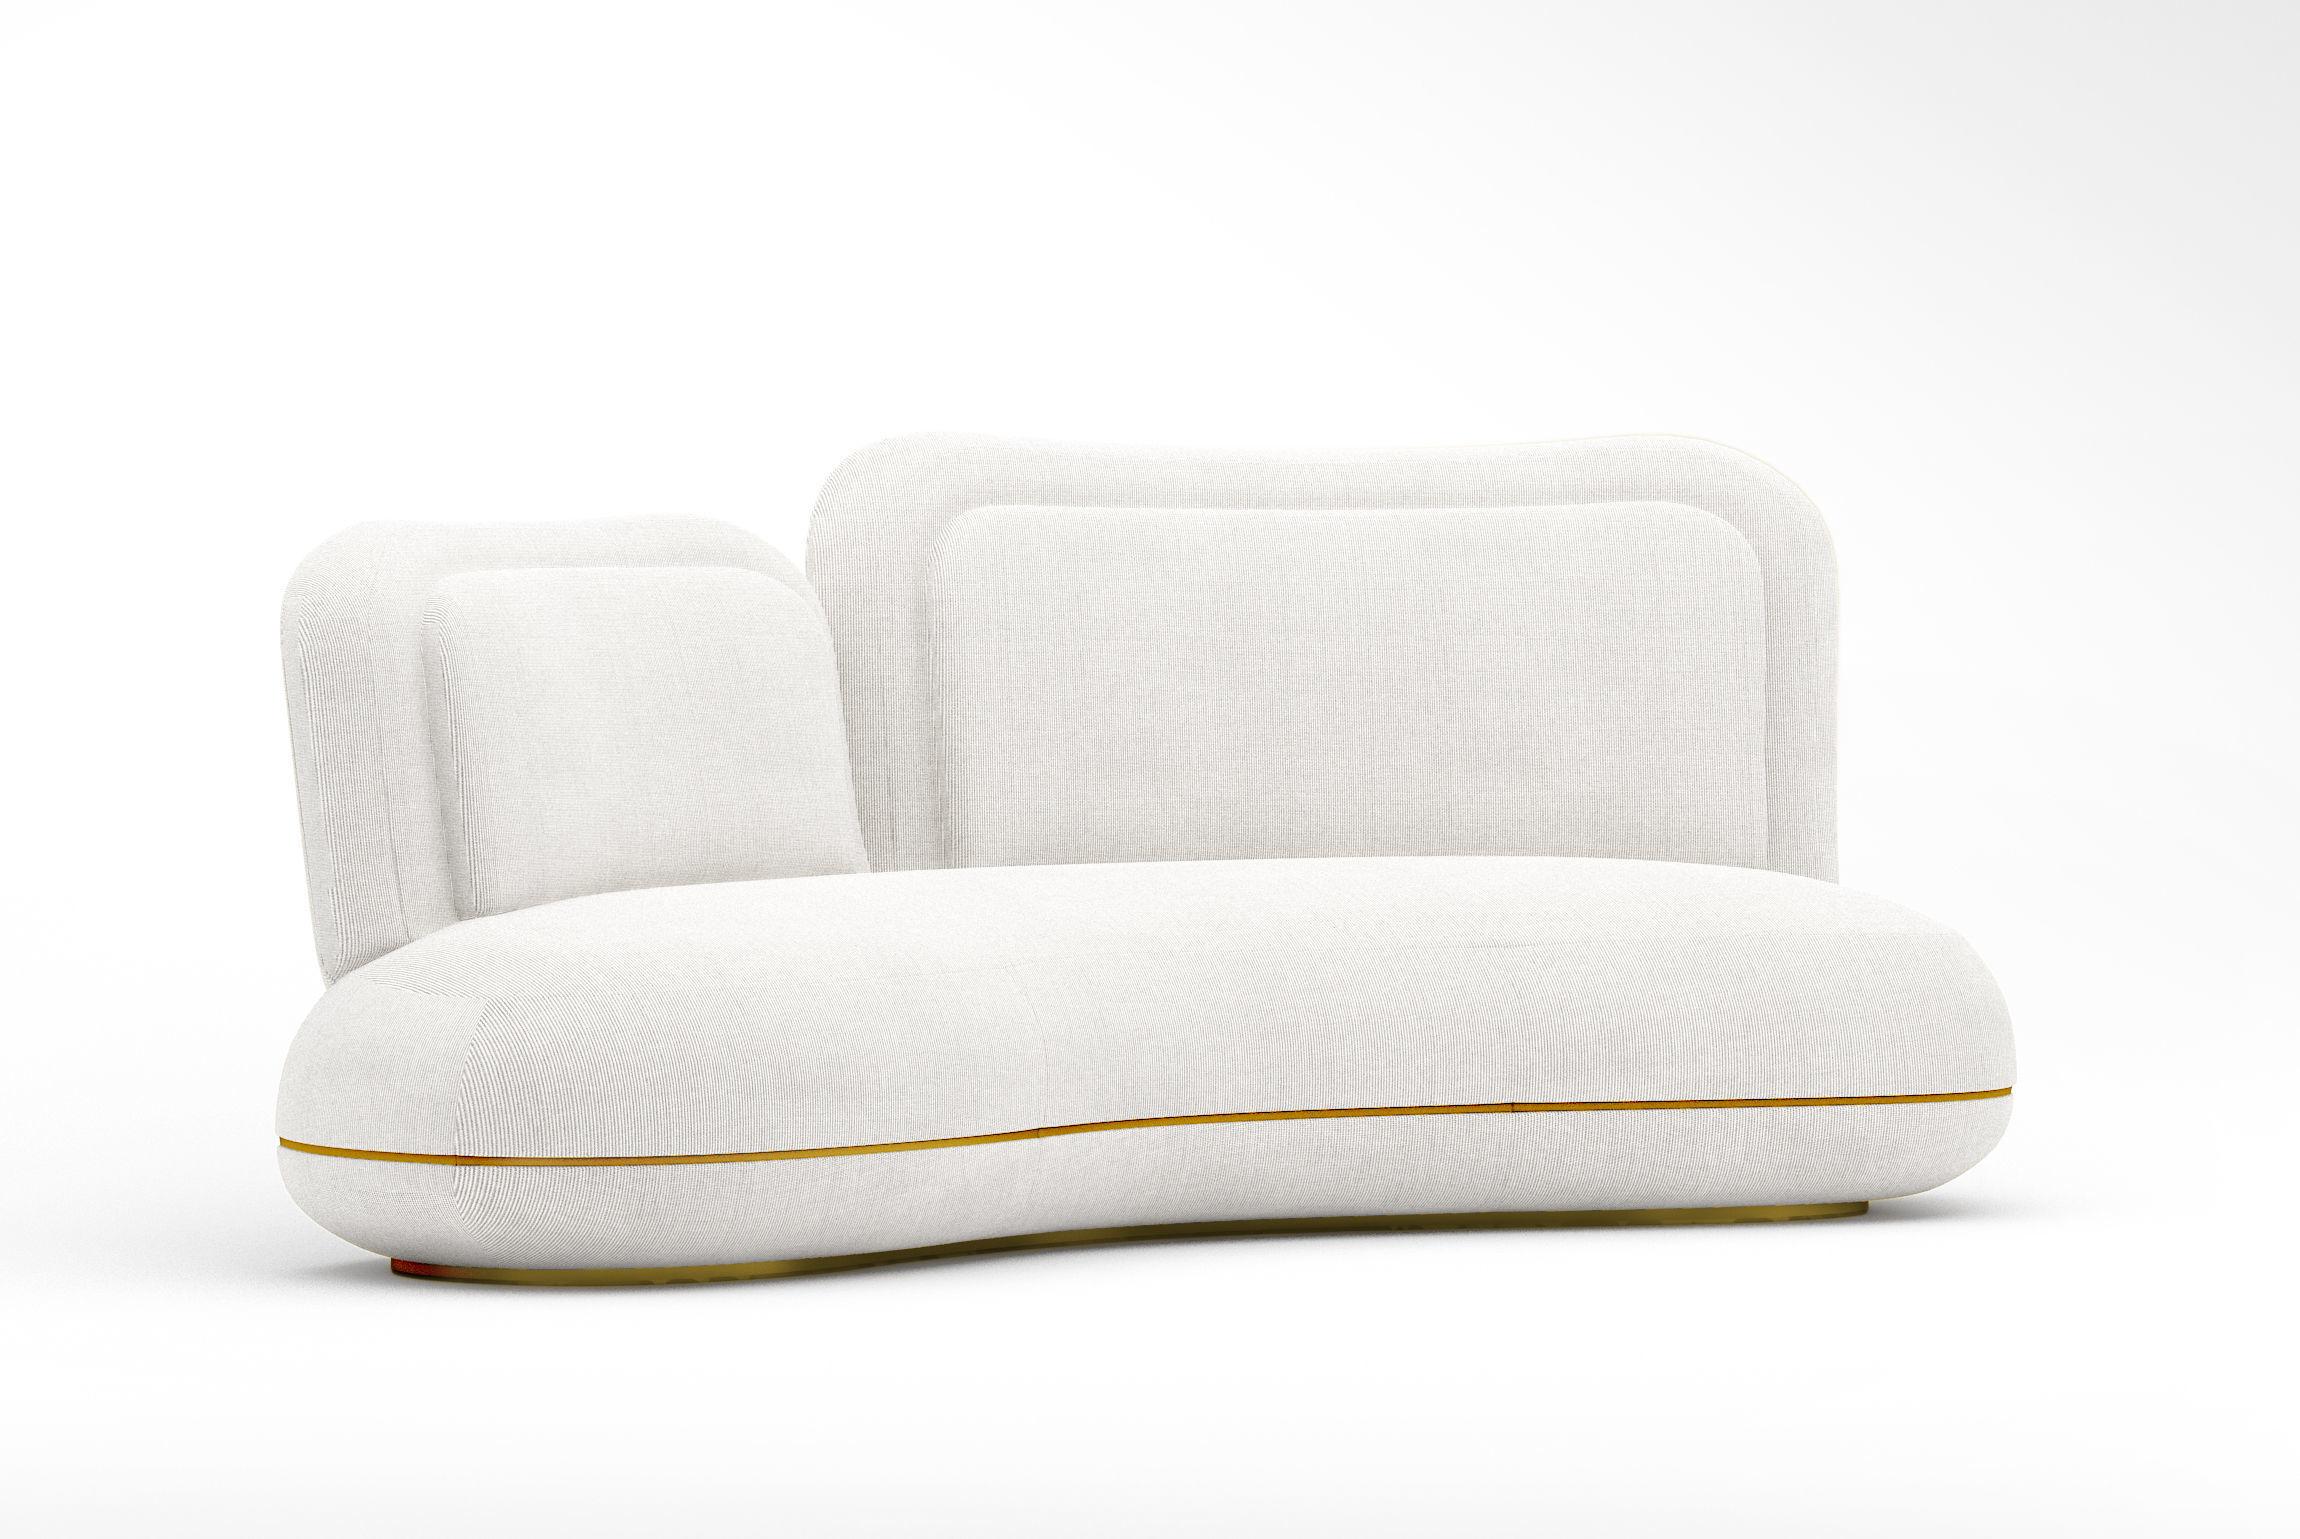 SE oshun sofa with oshun daybed and oshun armchair